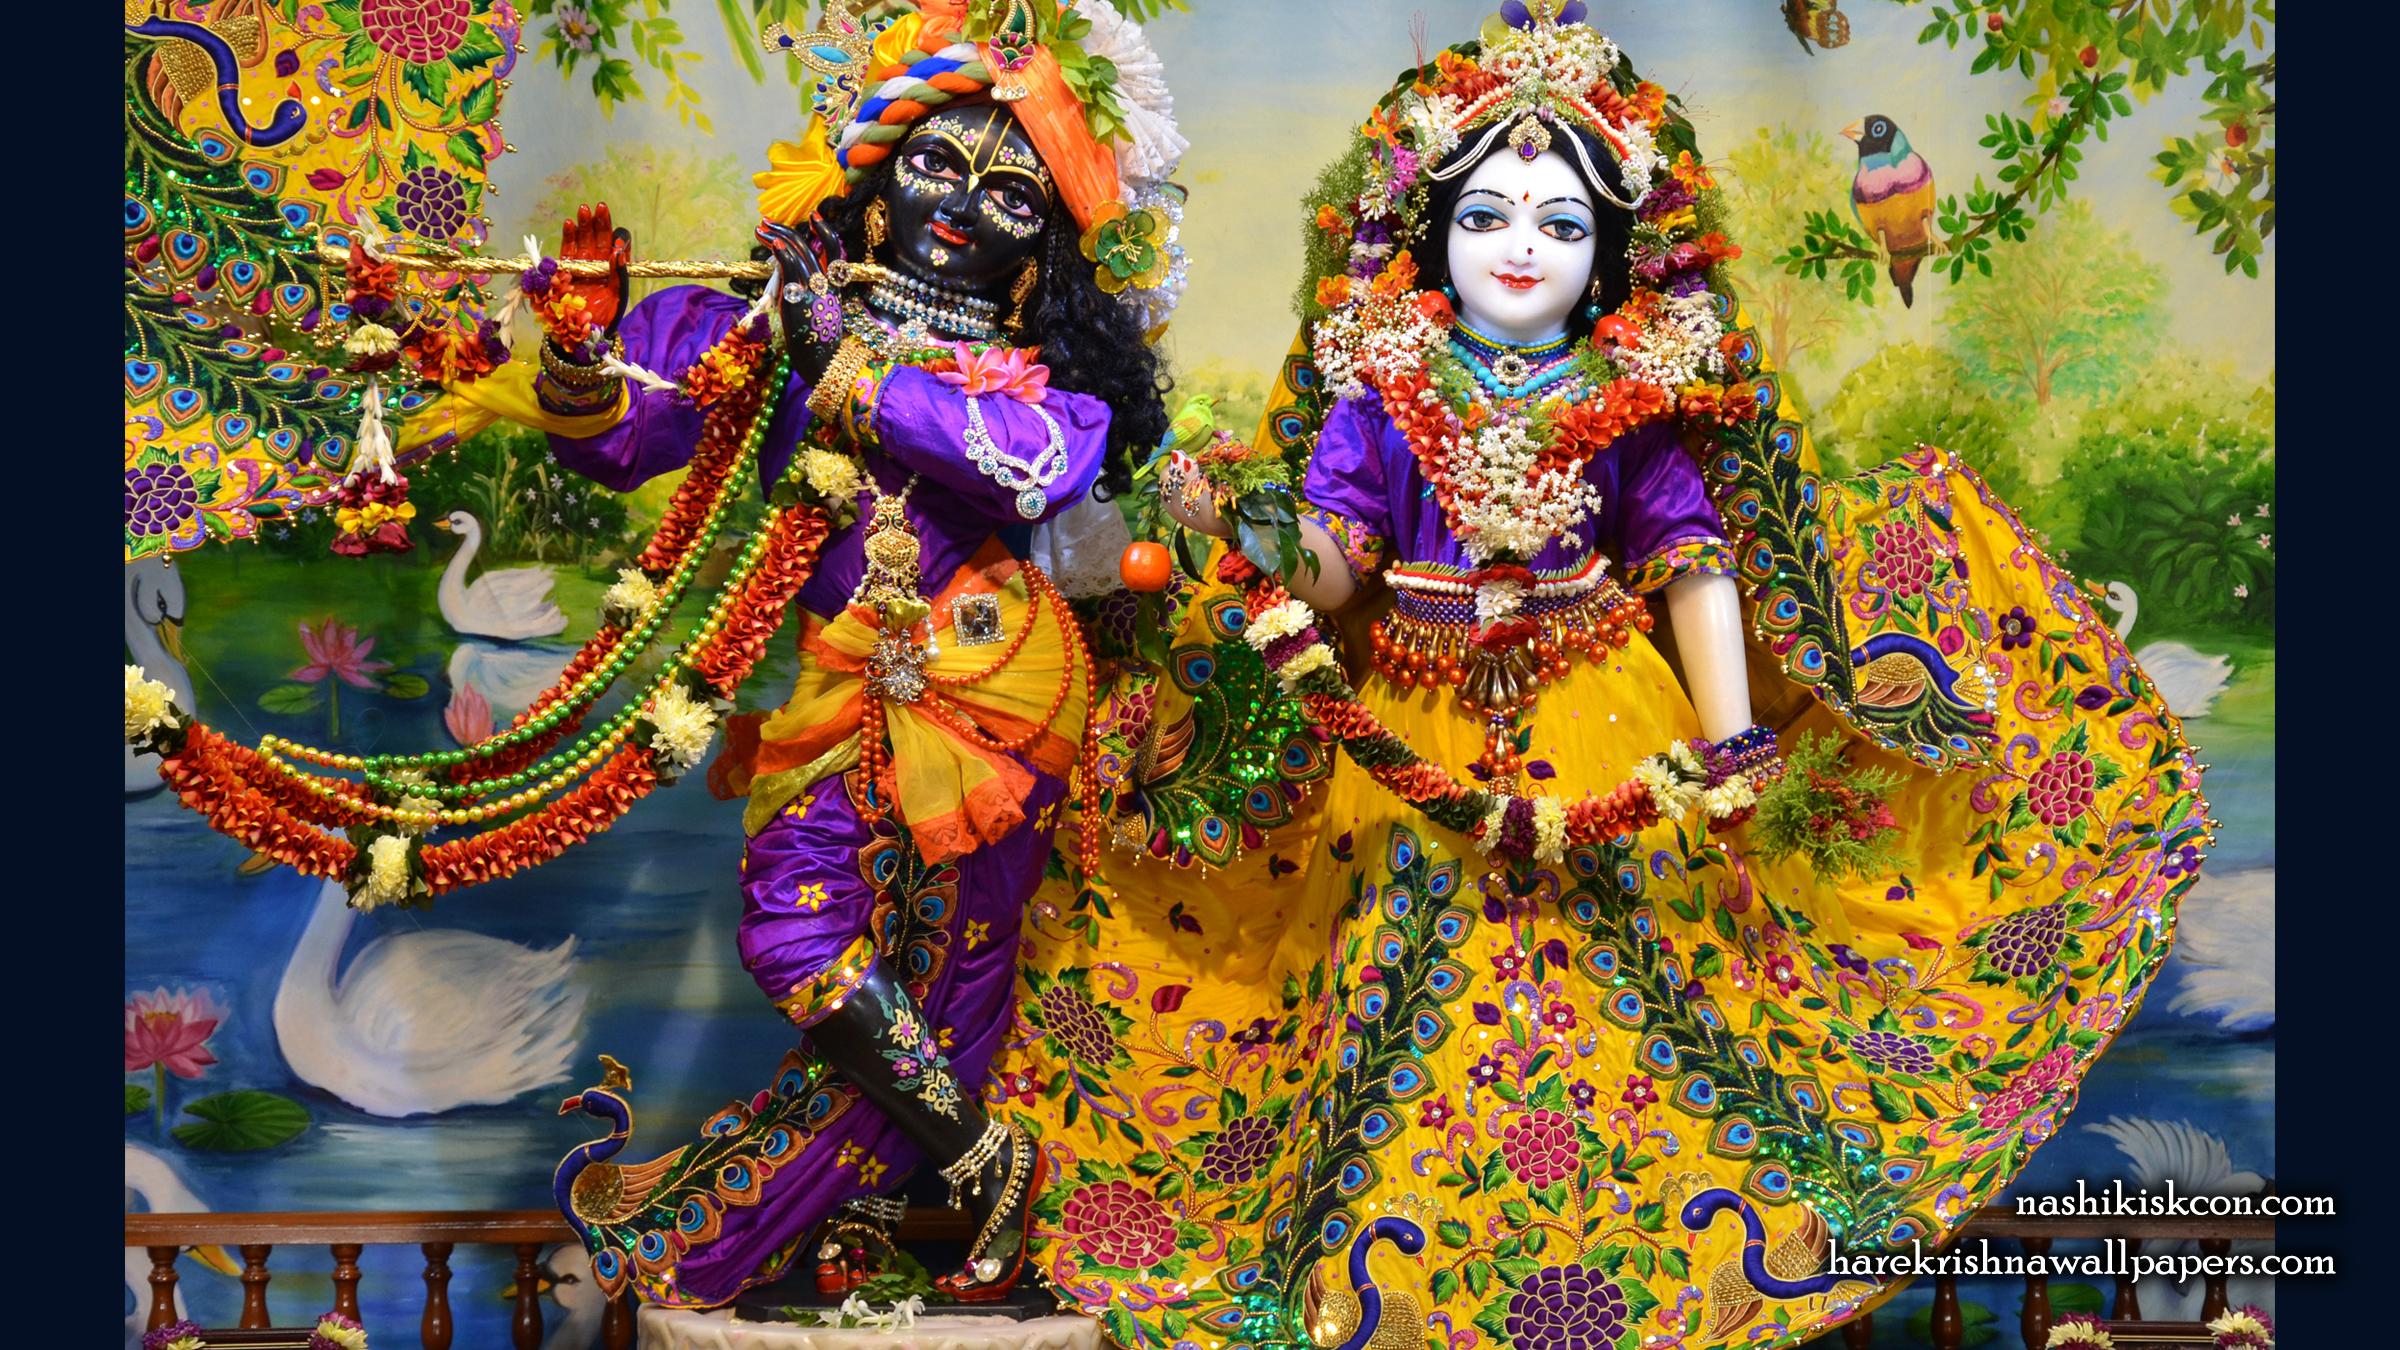 Sri Sri Radha Madan Gopal Wallpaper (013) Size 2400x1350 Download